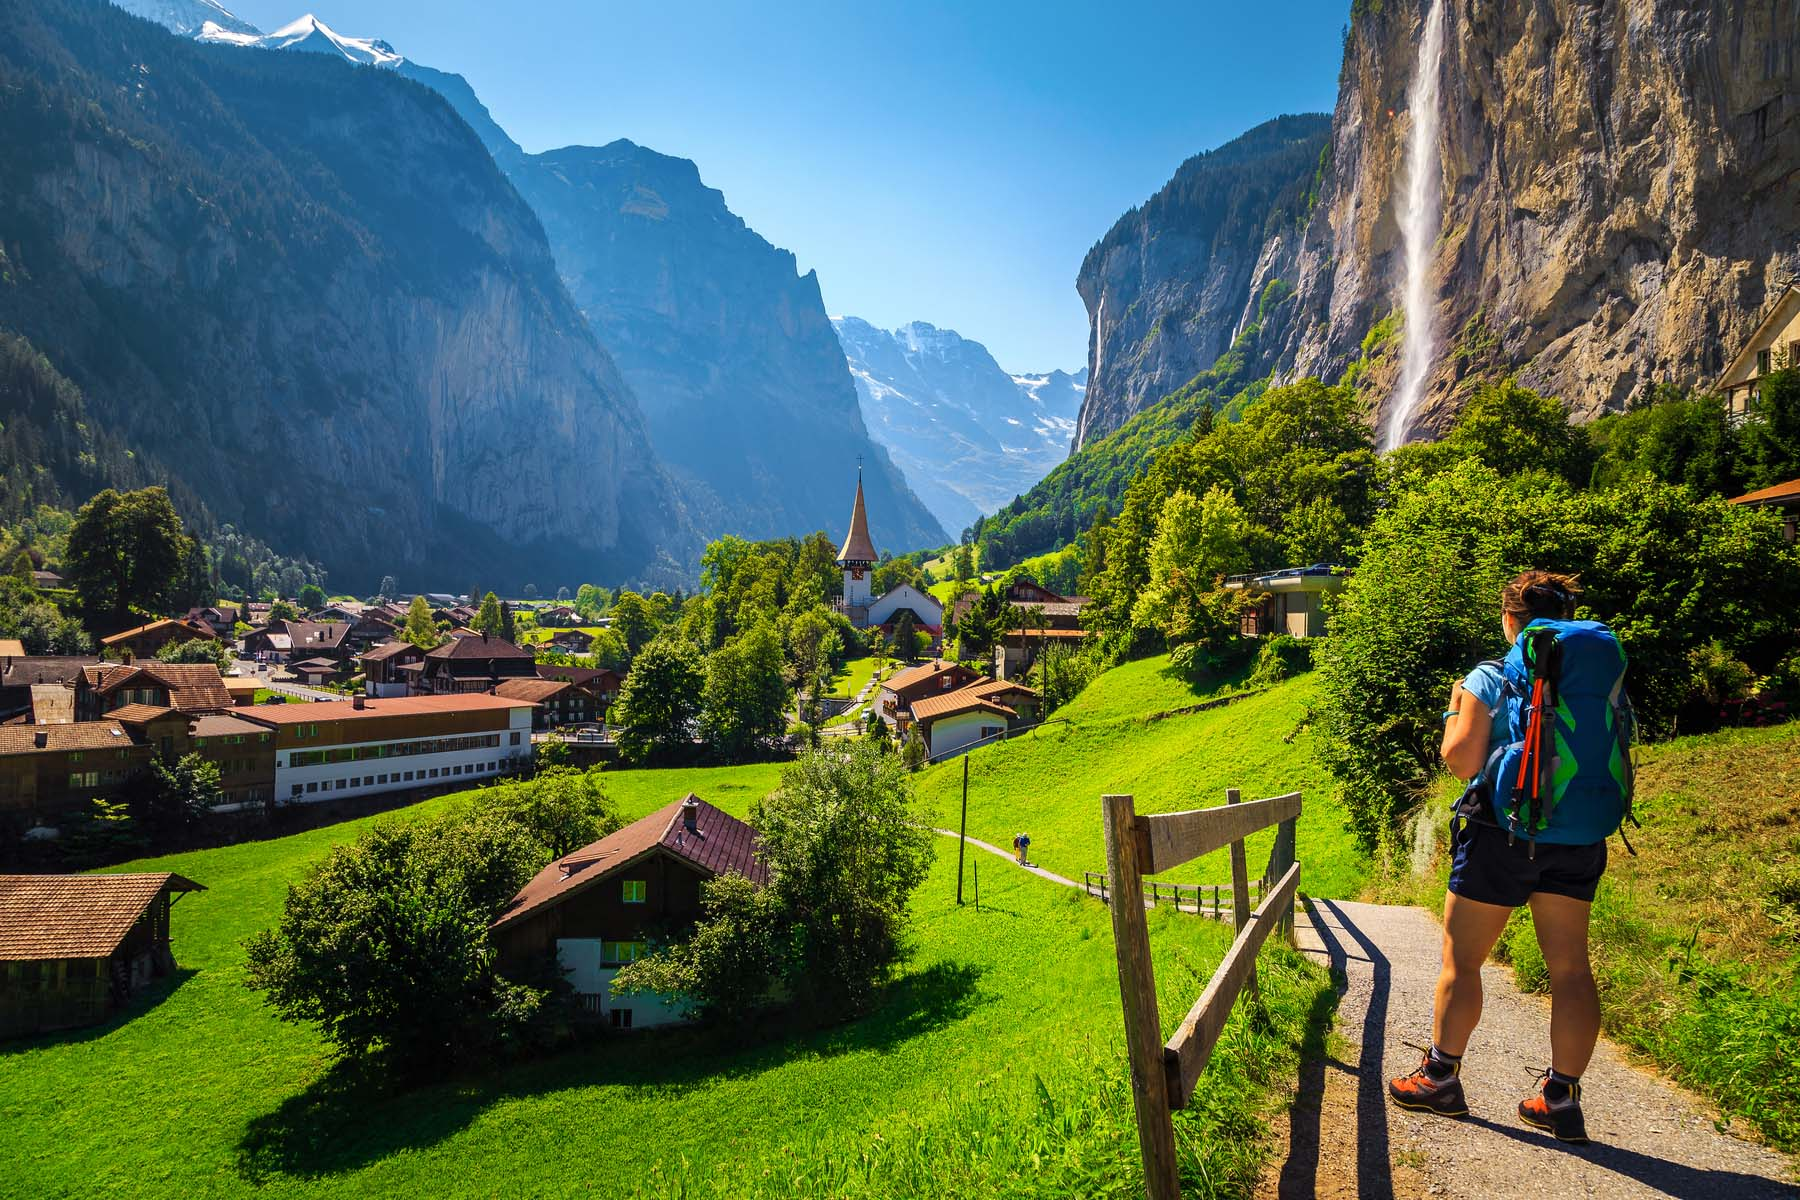 hiking in Lauterbrunnen